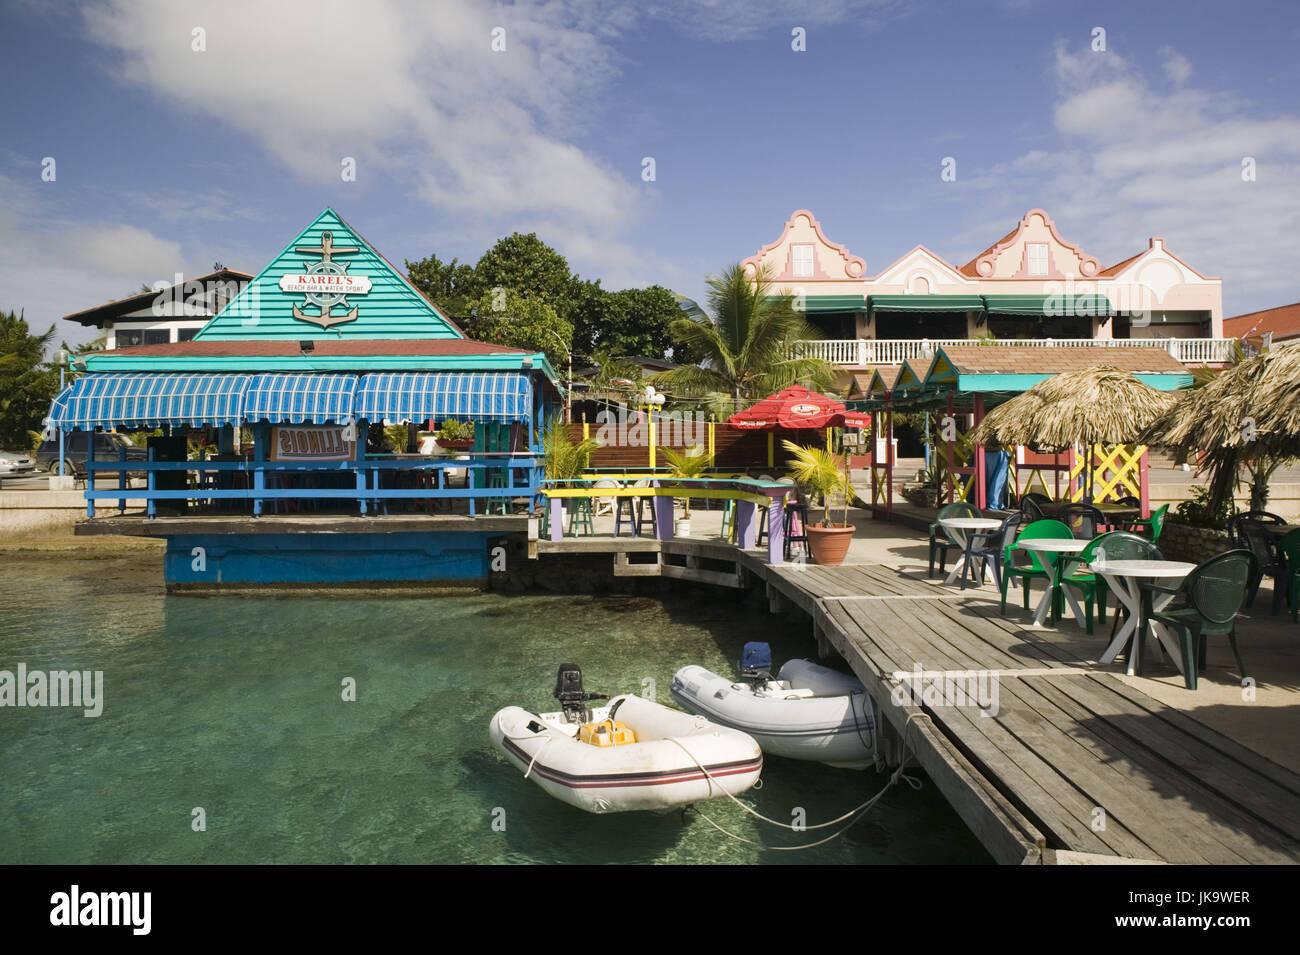 Kralendijk, Bonaire, Karel Pier, Touristen, ABC-Inseln, Kleine Antillen, Niederländische Antillen, Karibik, Stockbild